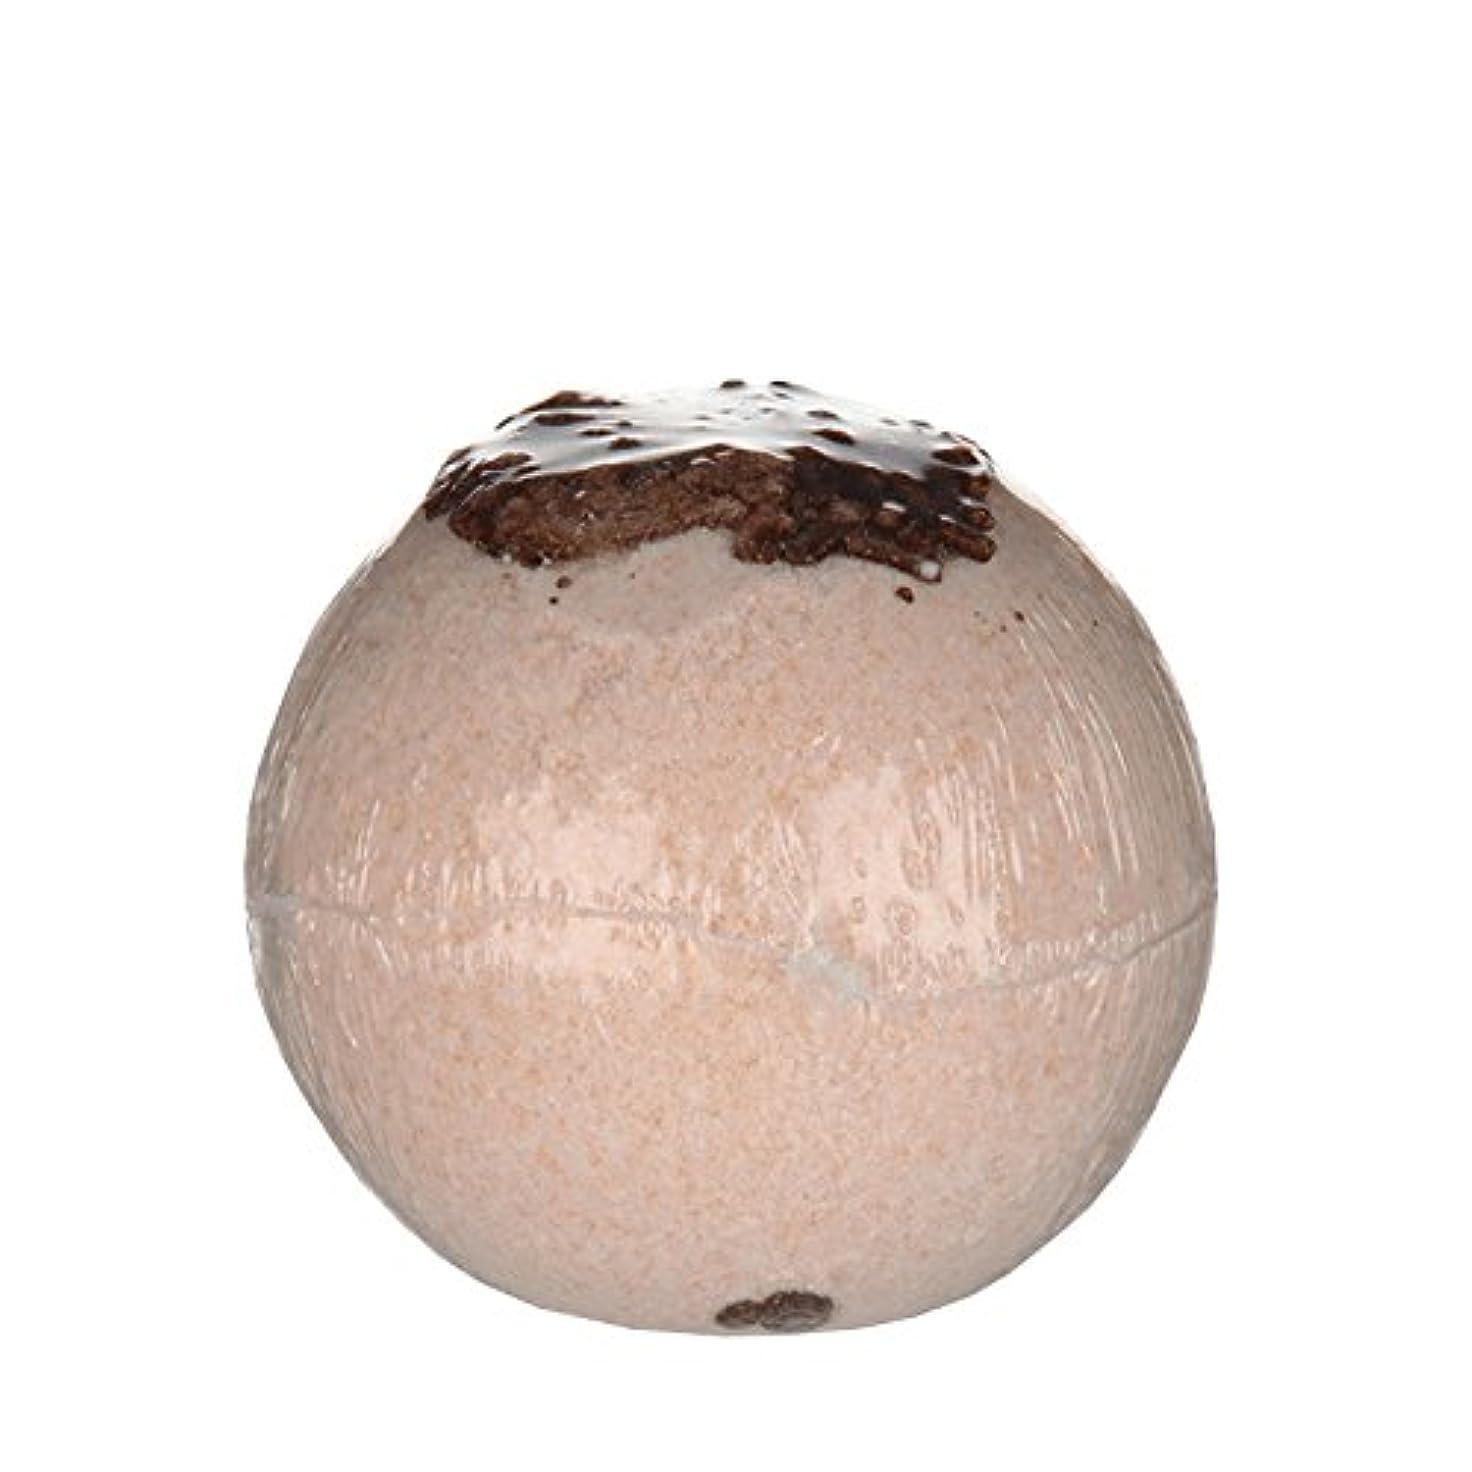 ペチュランスヒステリックエキスTreets Bath Ball Coconut Chocolate 170g (Pack of 2) - Treetsバスボールココナッツチョコレート170グラム (x2) [並行輸入品]